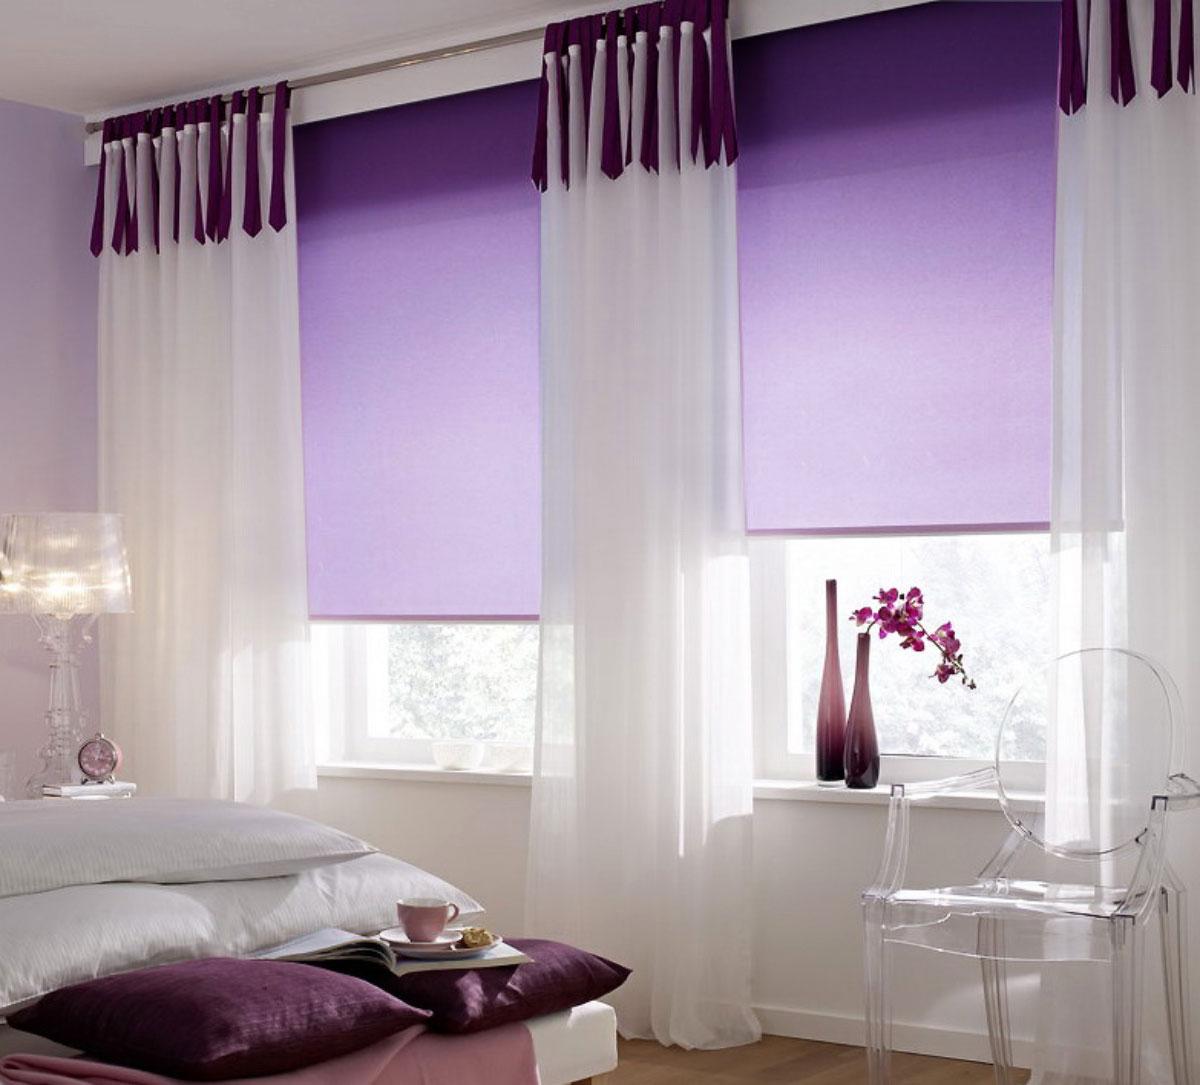 Штора рулонная KauffOrt Миниролло, цвет: фиолетовый, ширина 73 см, высота 170 смS03301004Рулонная штора Миниролло выполнена из высокопрочной ткани, которая сохраняет свой размер даже при намокании. Ткань не выцветает и обладает отличной цветоустойчивостью.Миниролло - это подвид рулонных штор, который закрывает не весь оконный проем, а непосредственно само стекло. Такие шторы крепятся на раму без сверления при помощи зажимов или клейкой двухсторонней ленты (в комплекте). Окно остается на гарантии, благодаря монтажу без сверления. Такая штора станет прекрасным элементом декора окна и гармонично впишется в интерьер любого помещения.